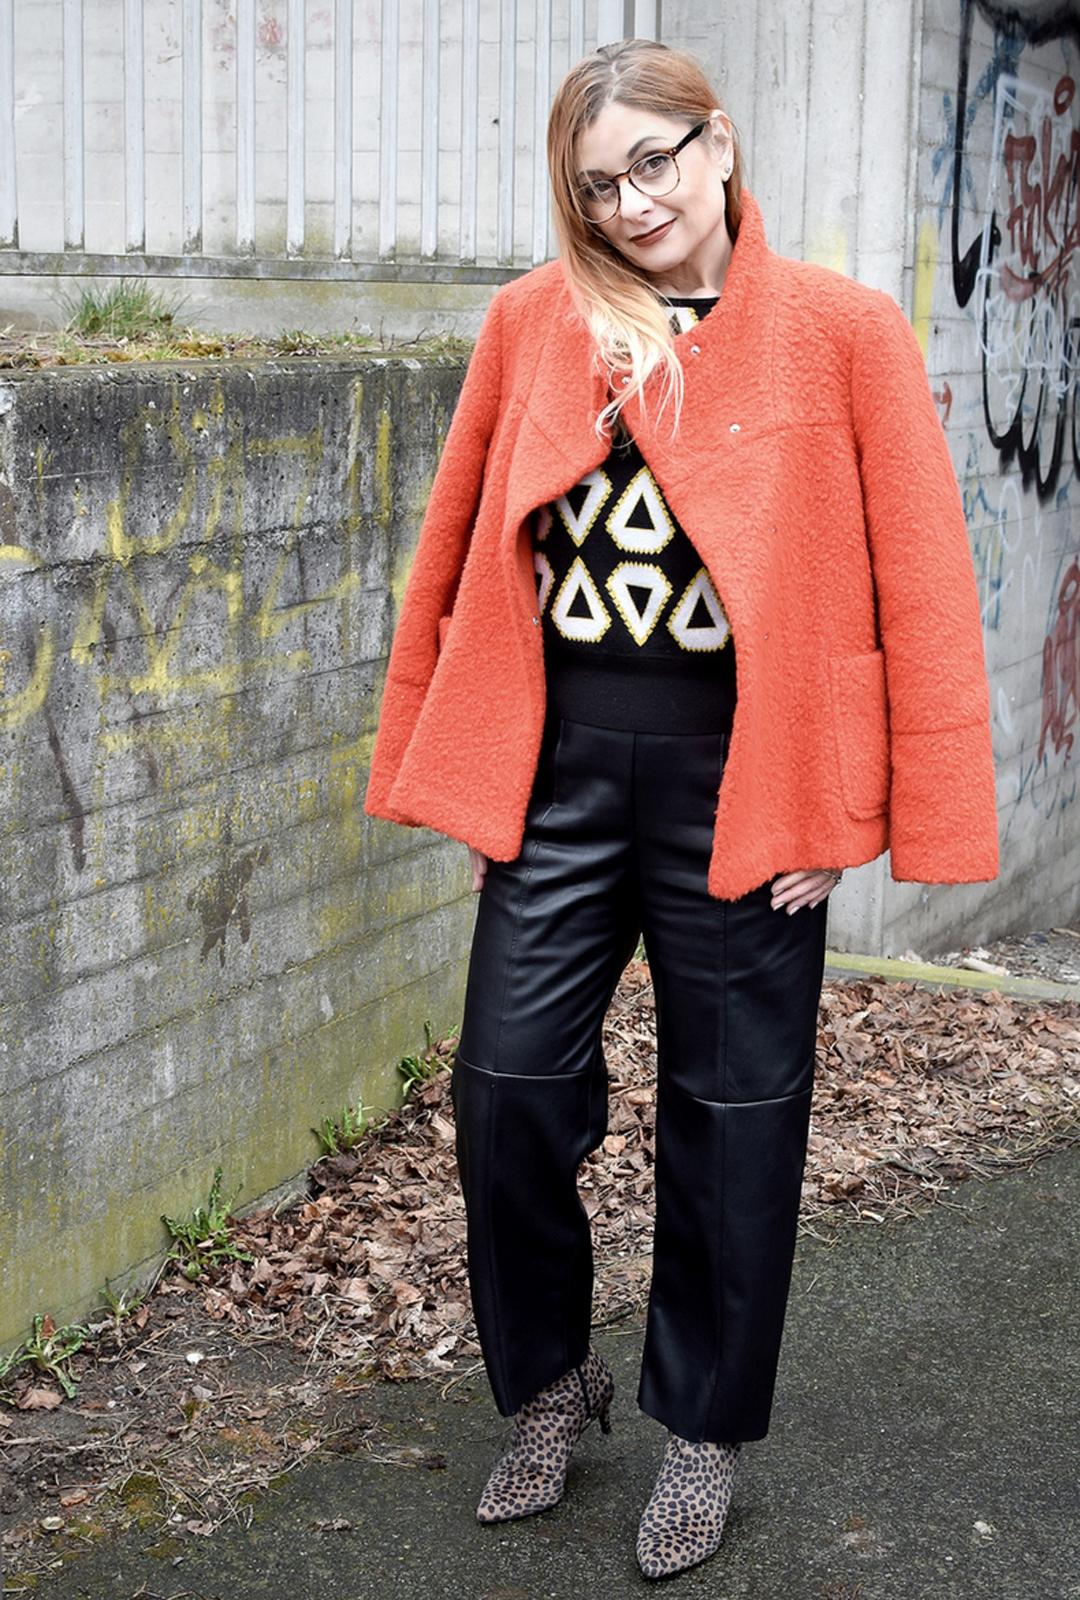 Damenschuhe mit Leomuster, Orange Jacke, schwarze Damenlederhose, ü40 Looks